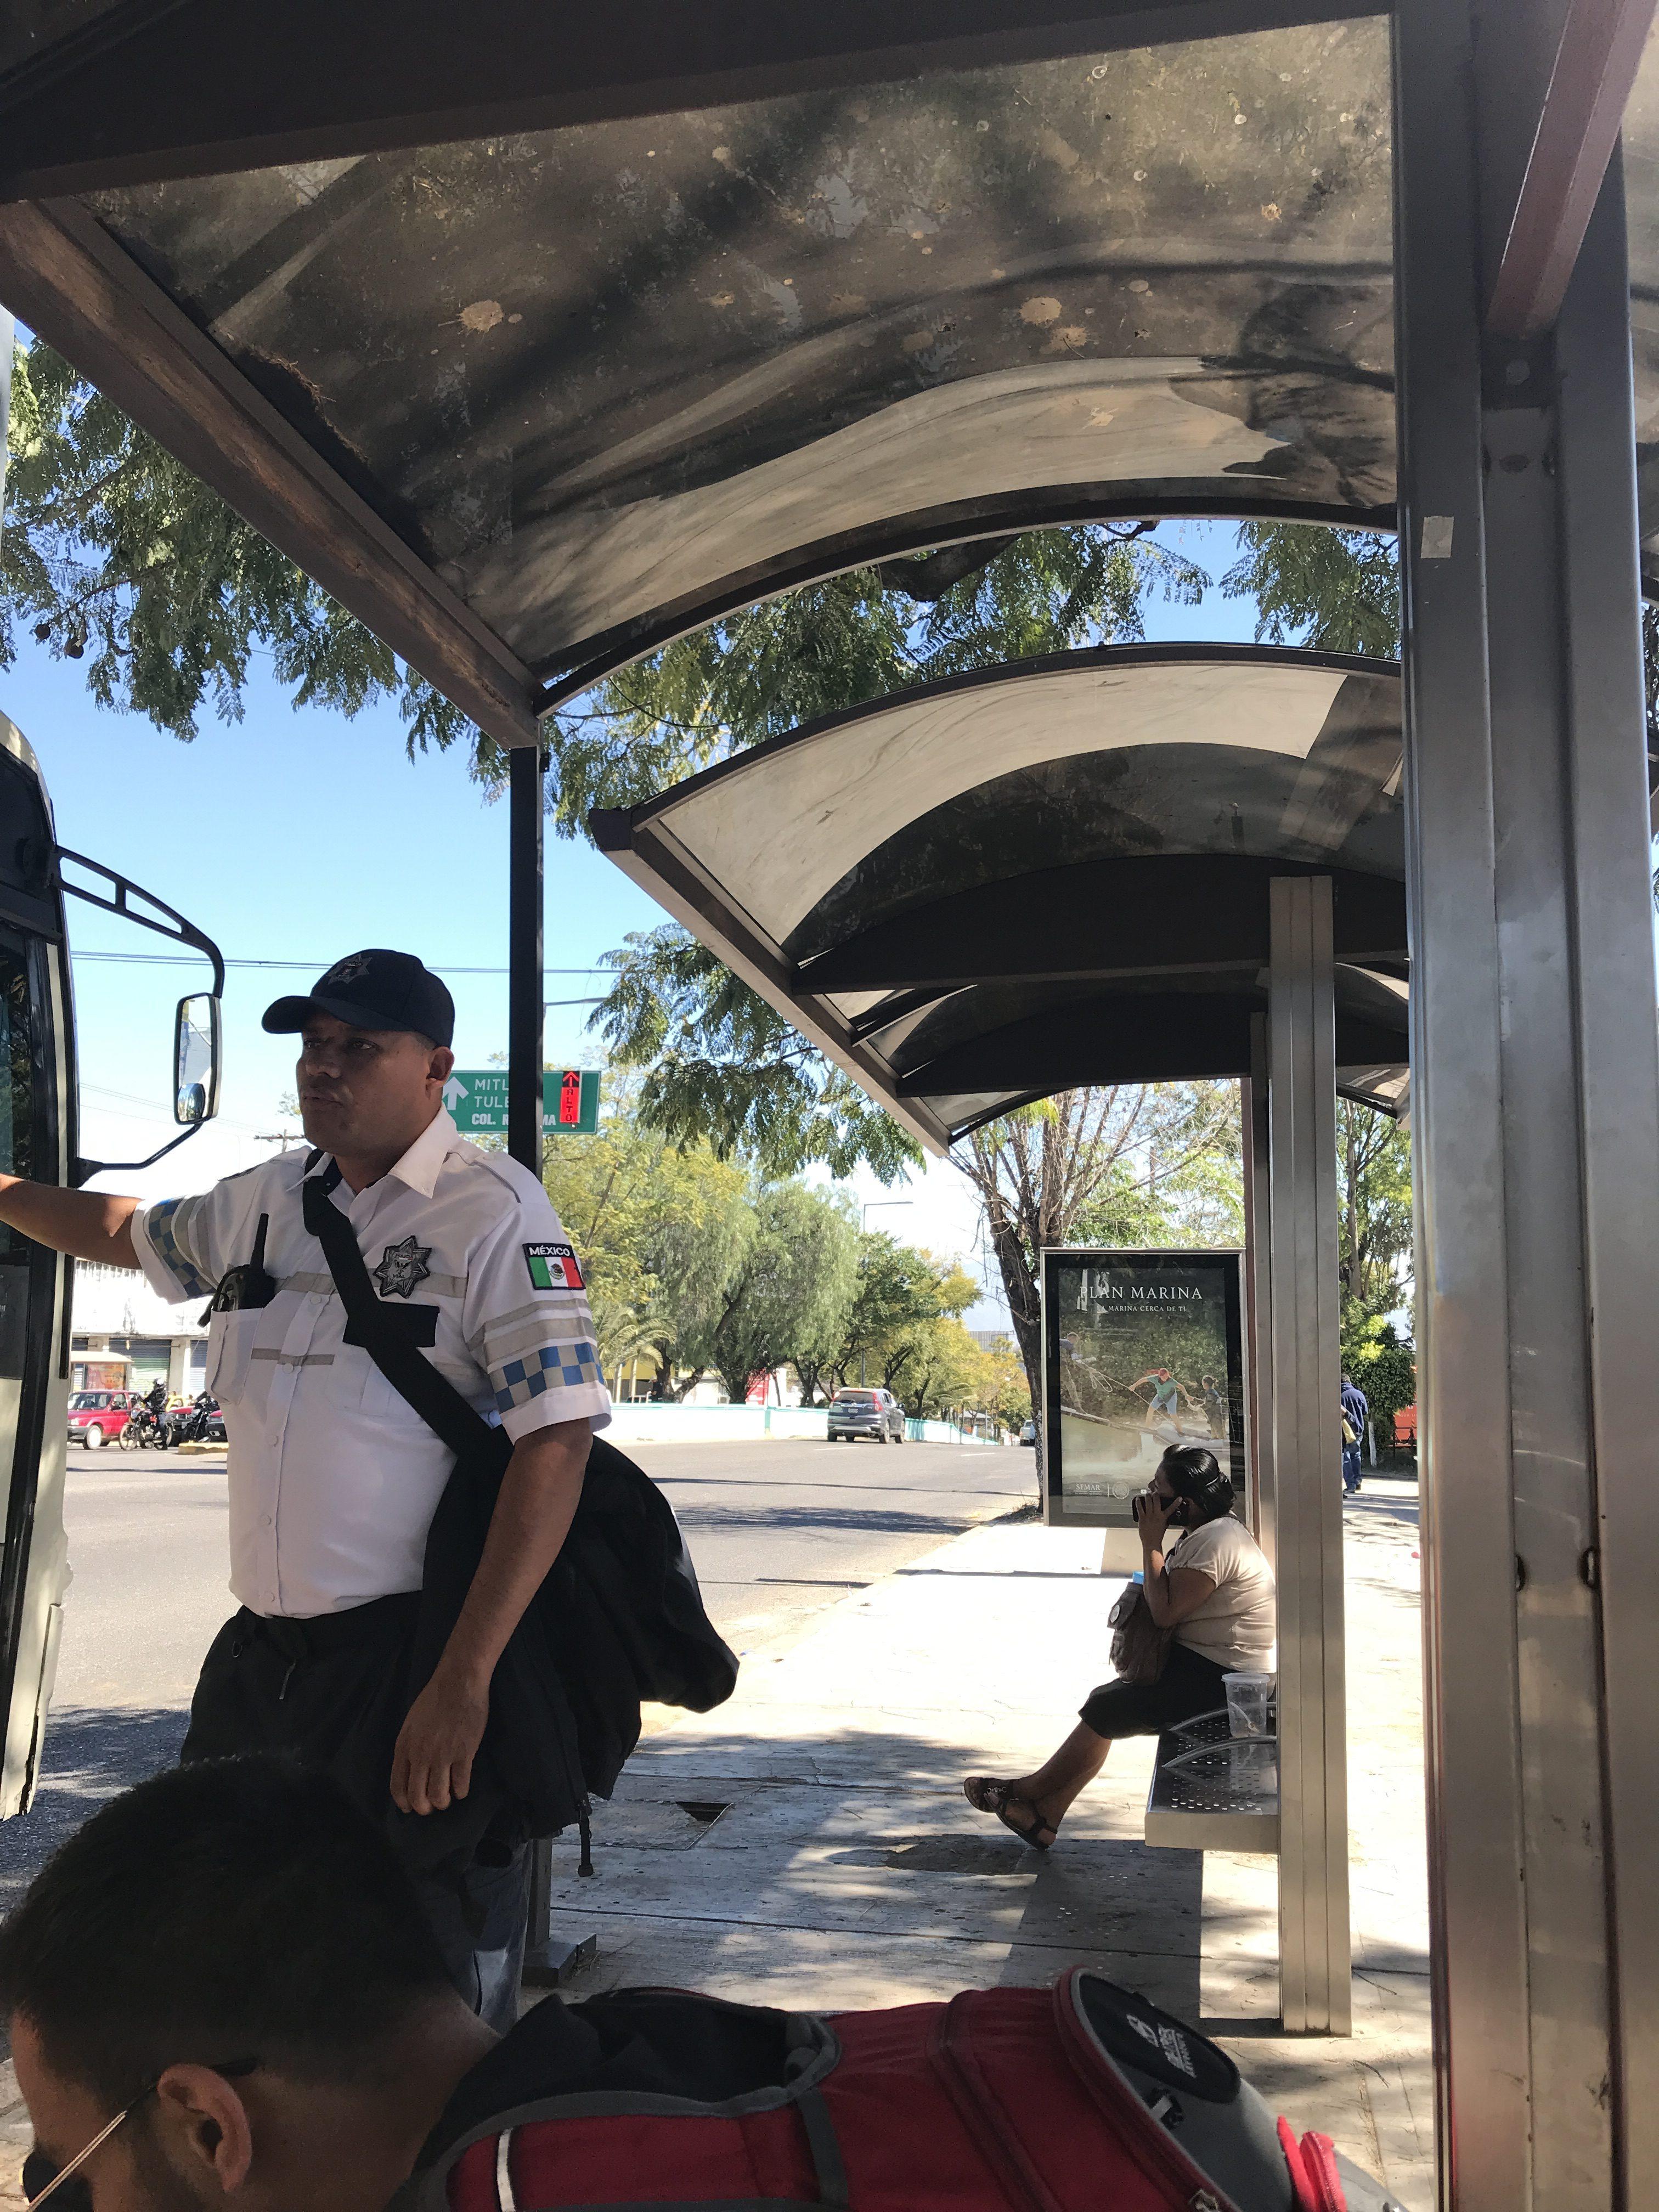 ミトラ行きのバス停にいた警官